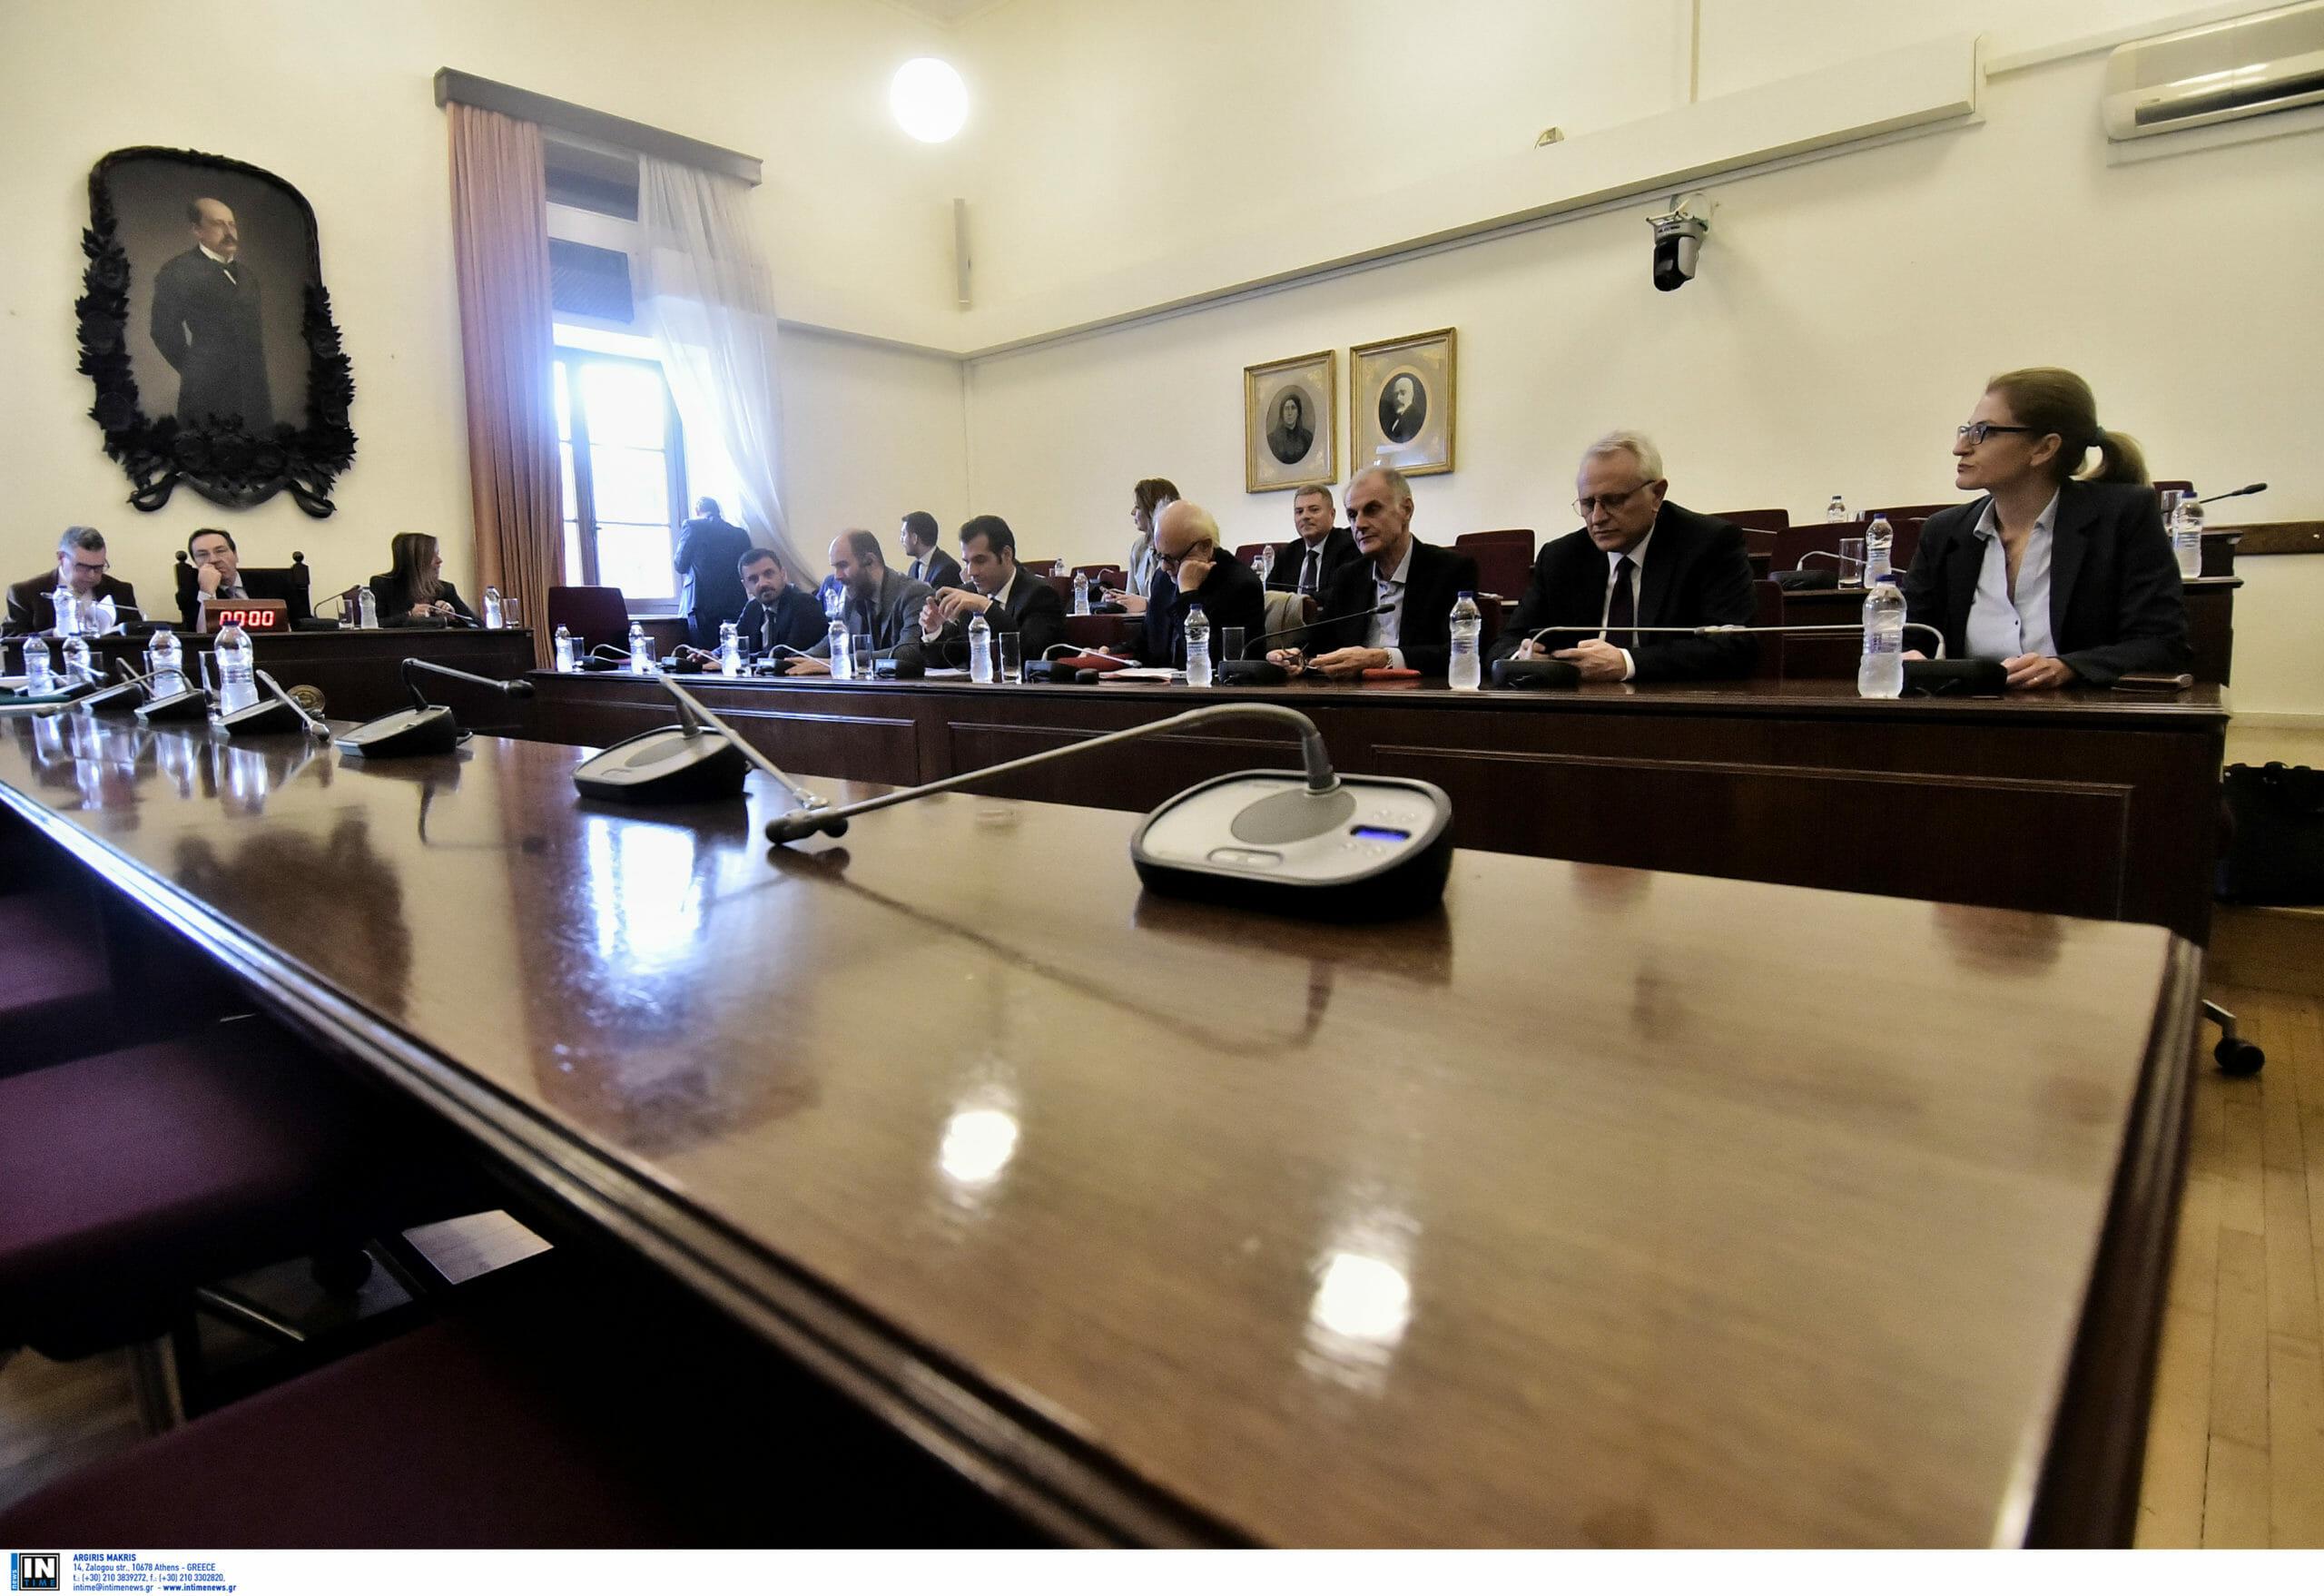 Προανακριτική novartis: Αλαλούμ με την εξέταση των προστατευομένων μαρτύρων! Τι ζητούν μέλη της επιτροπής